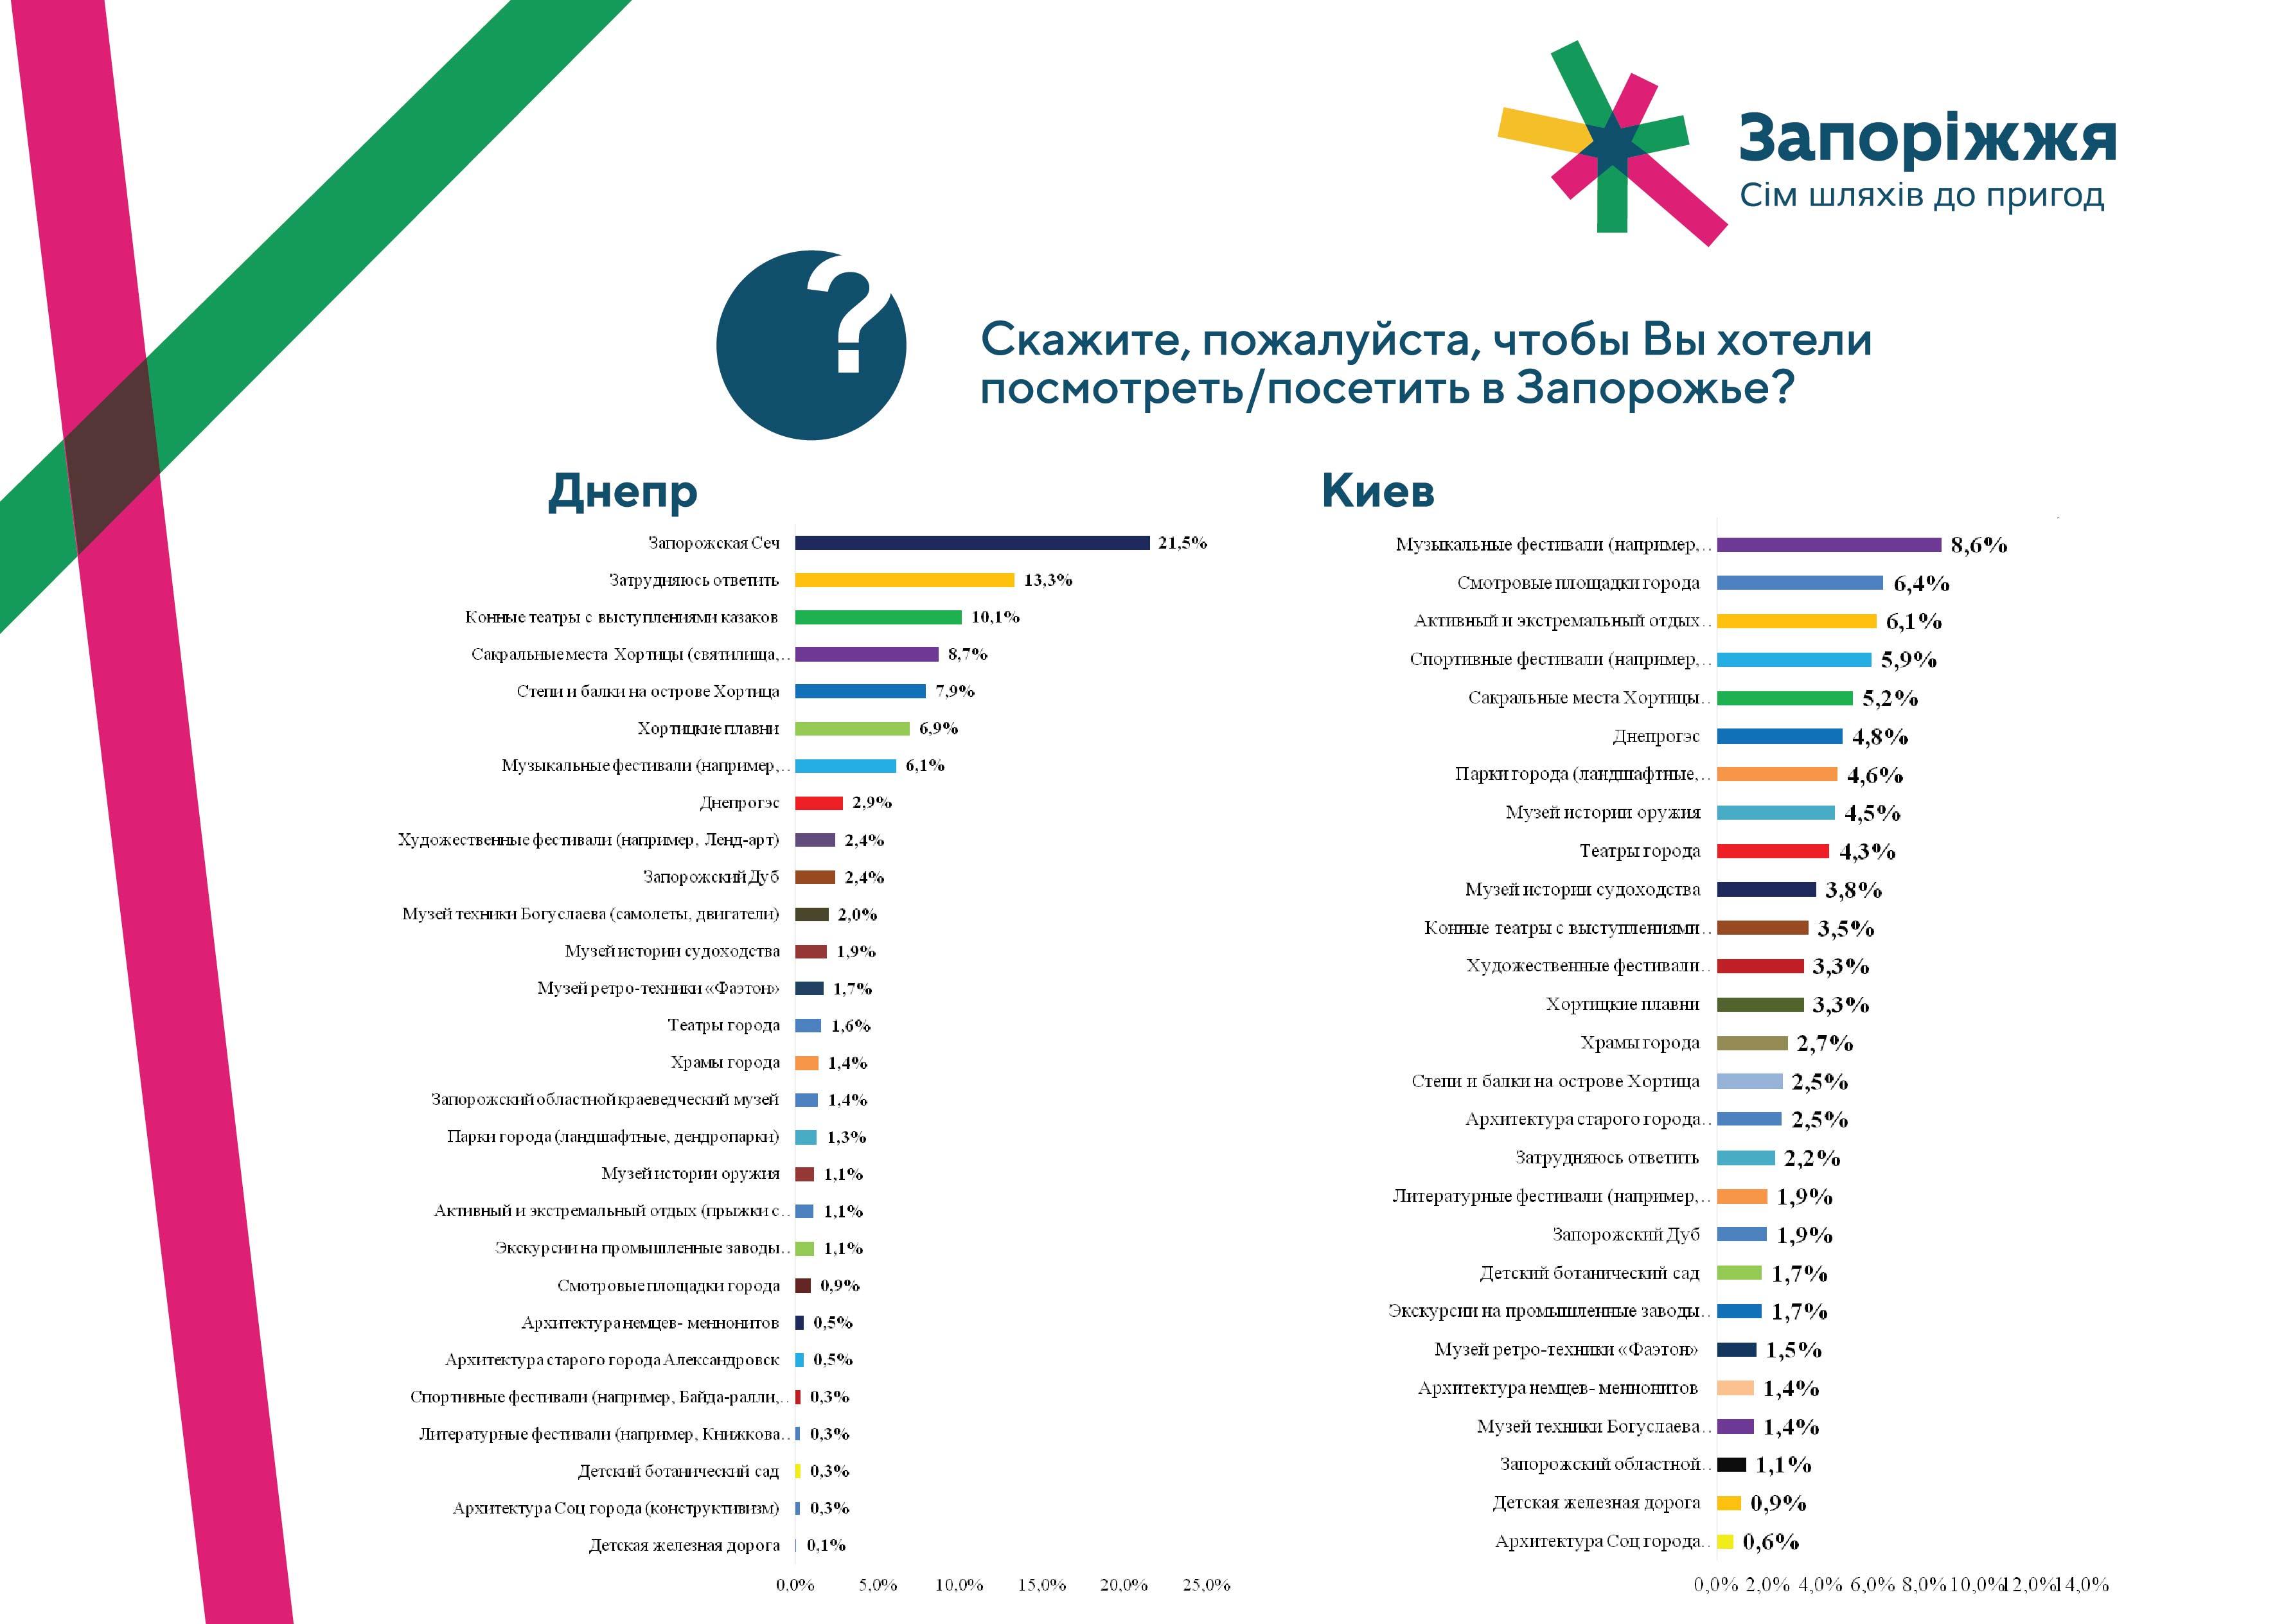 презентация-днепр-киев-15.jpg